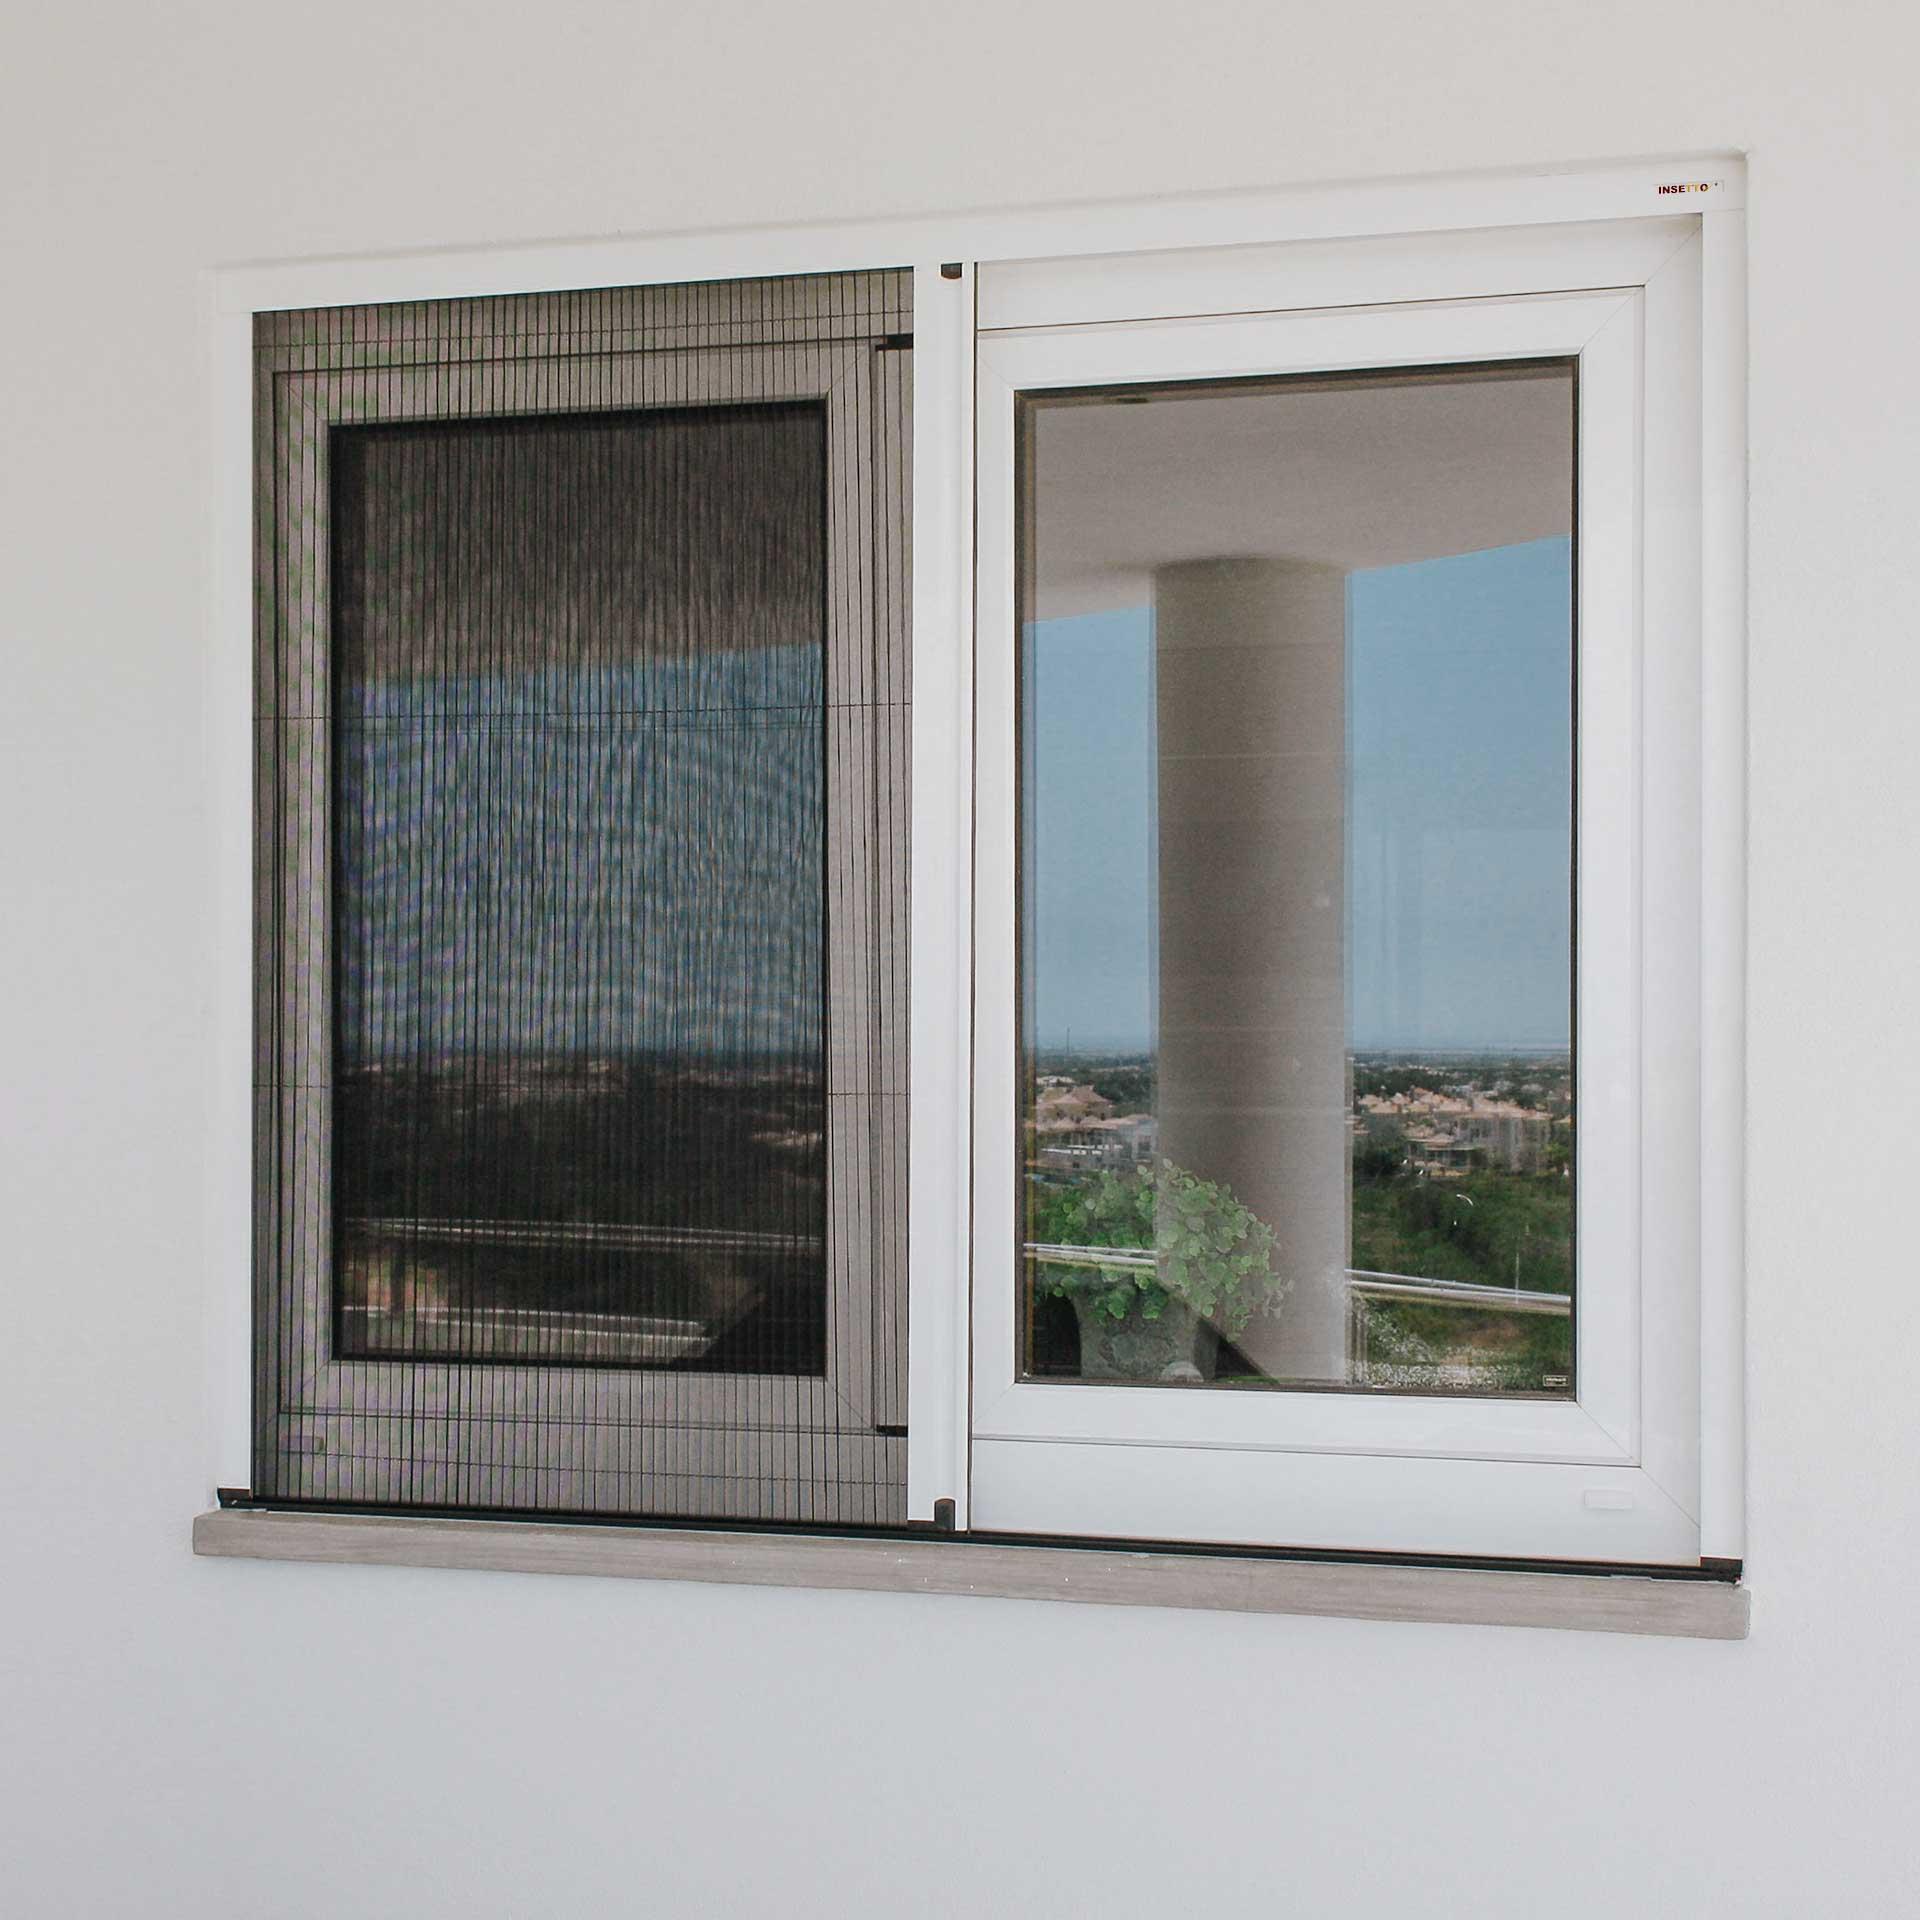 Insektenschutz-Plissee für Fenster | seitliche Bedienung | Slimline22